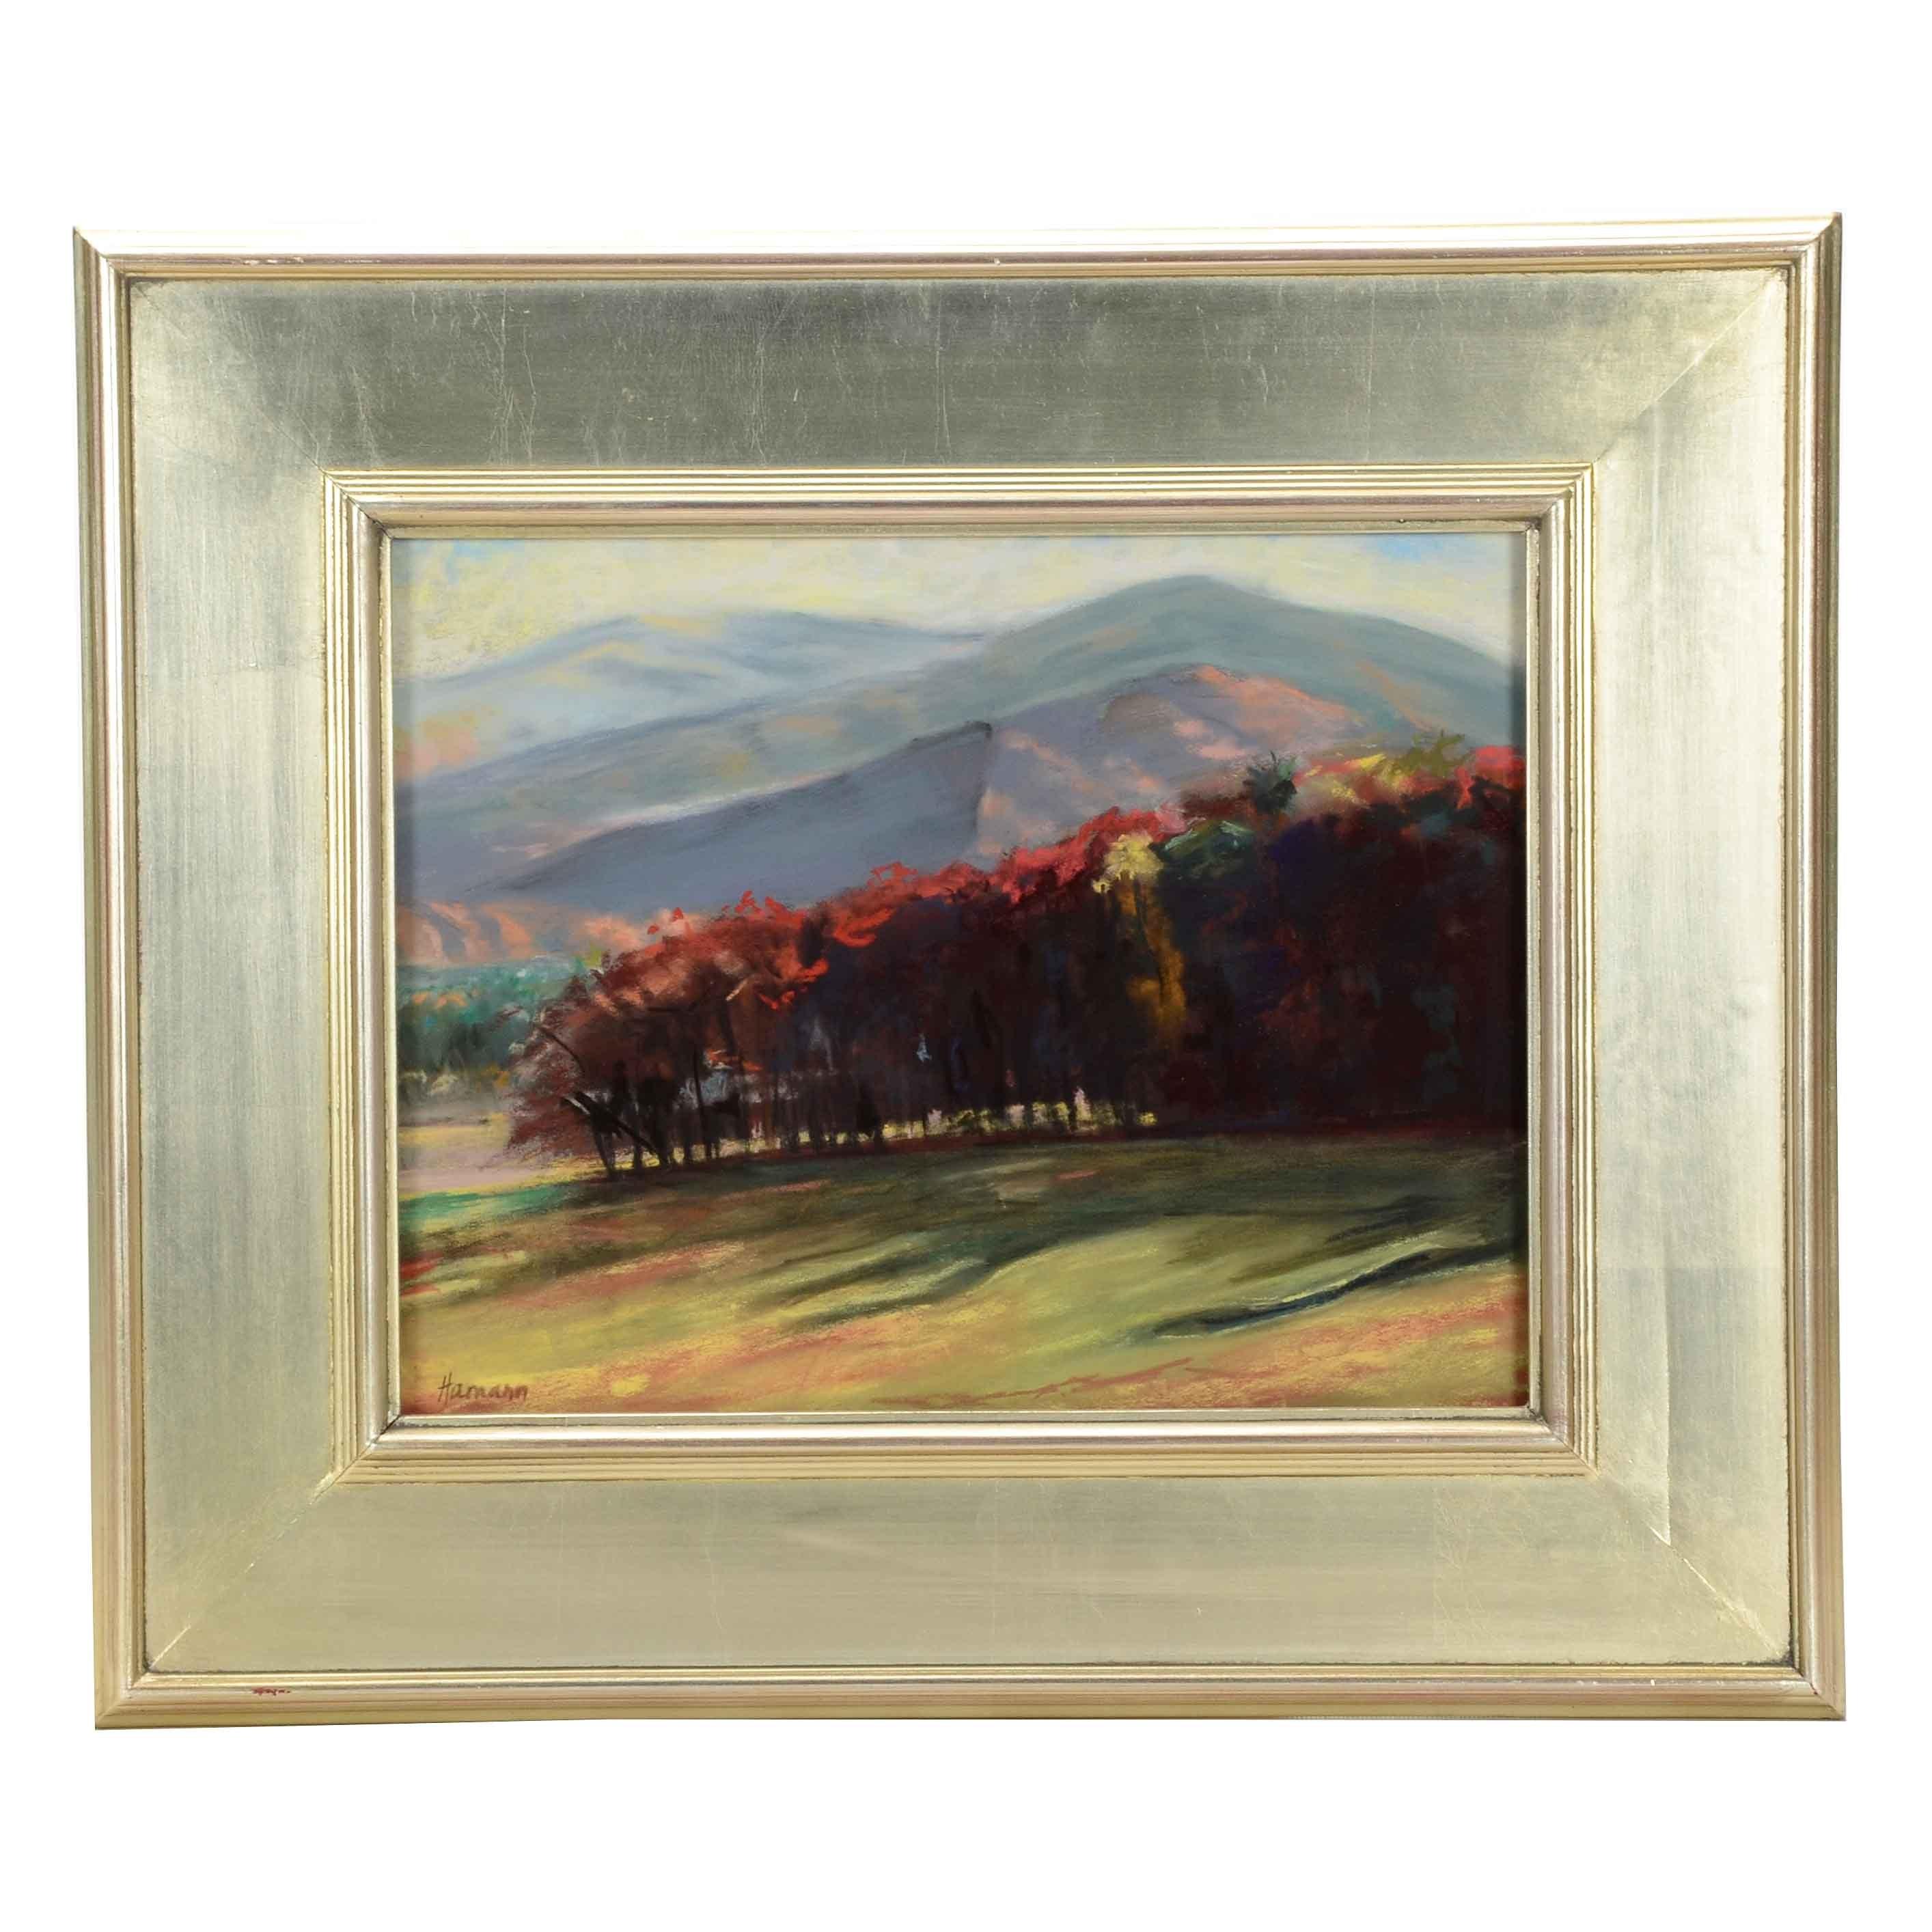 Cindy Hamann Original Pastel Landscape on Paper